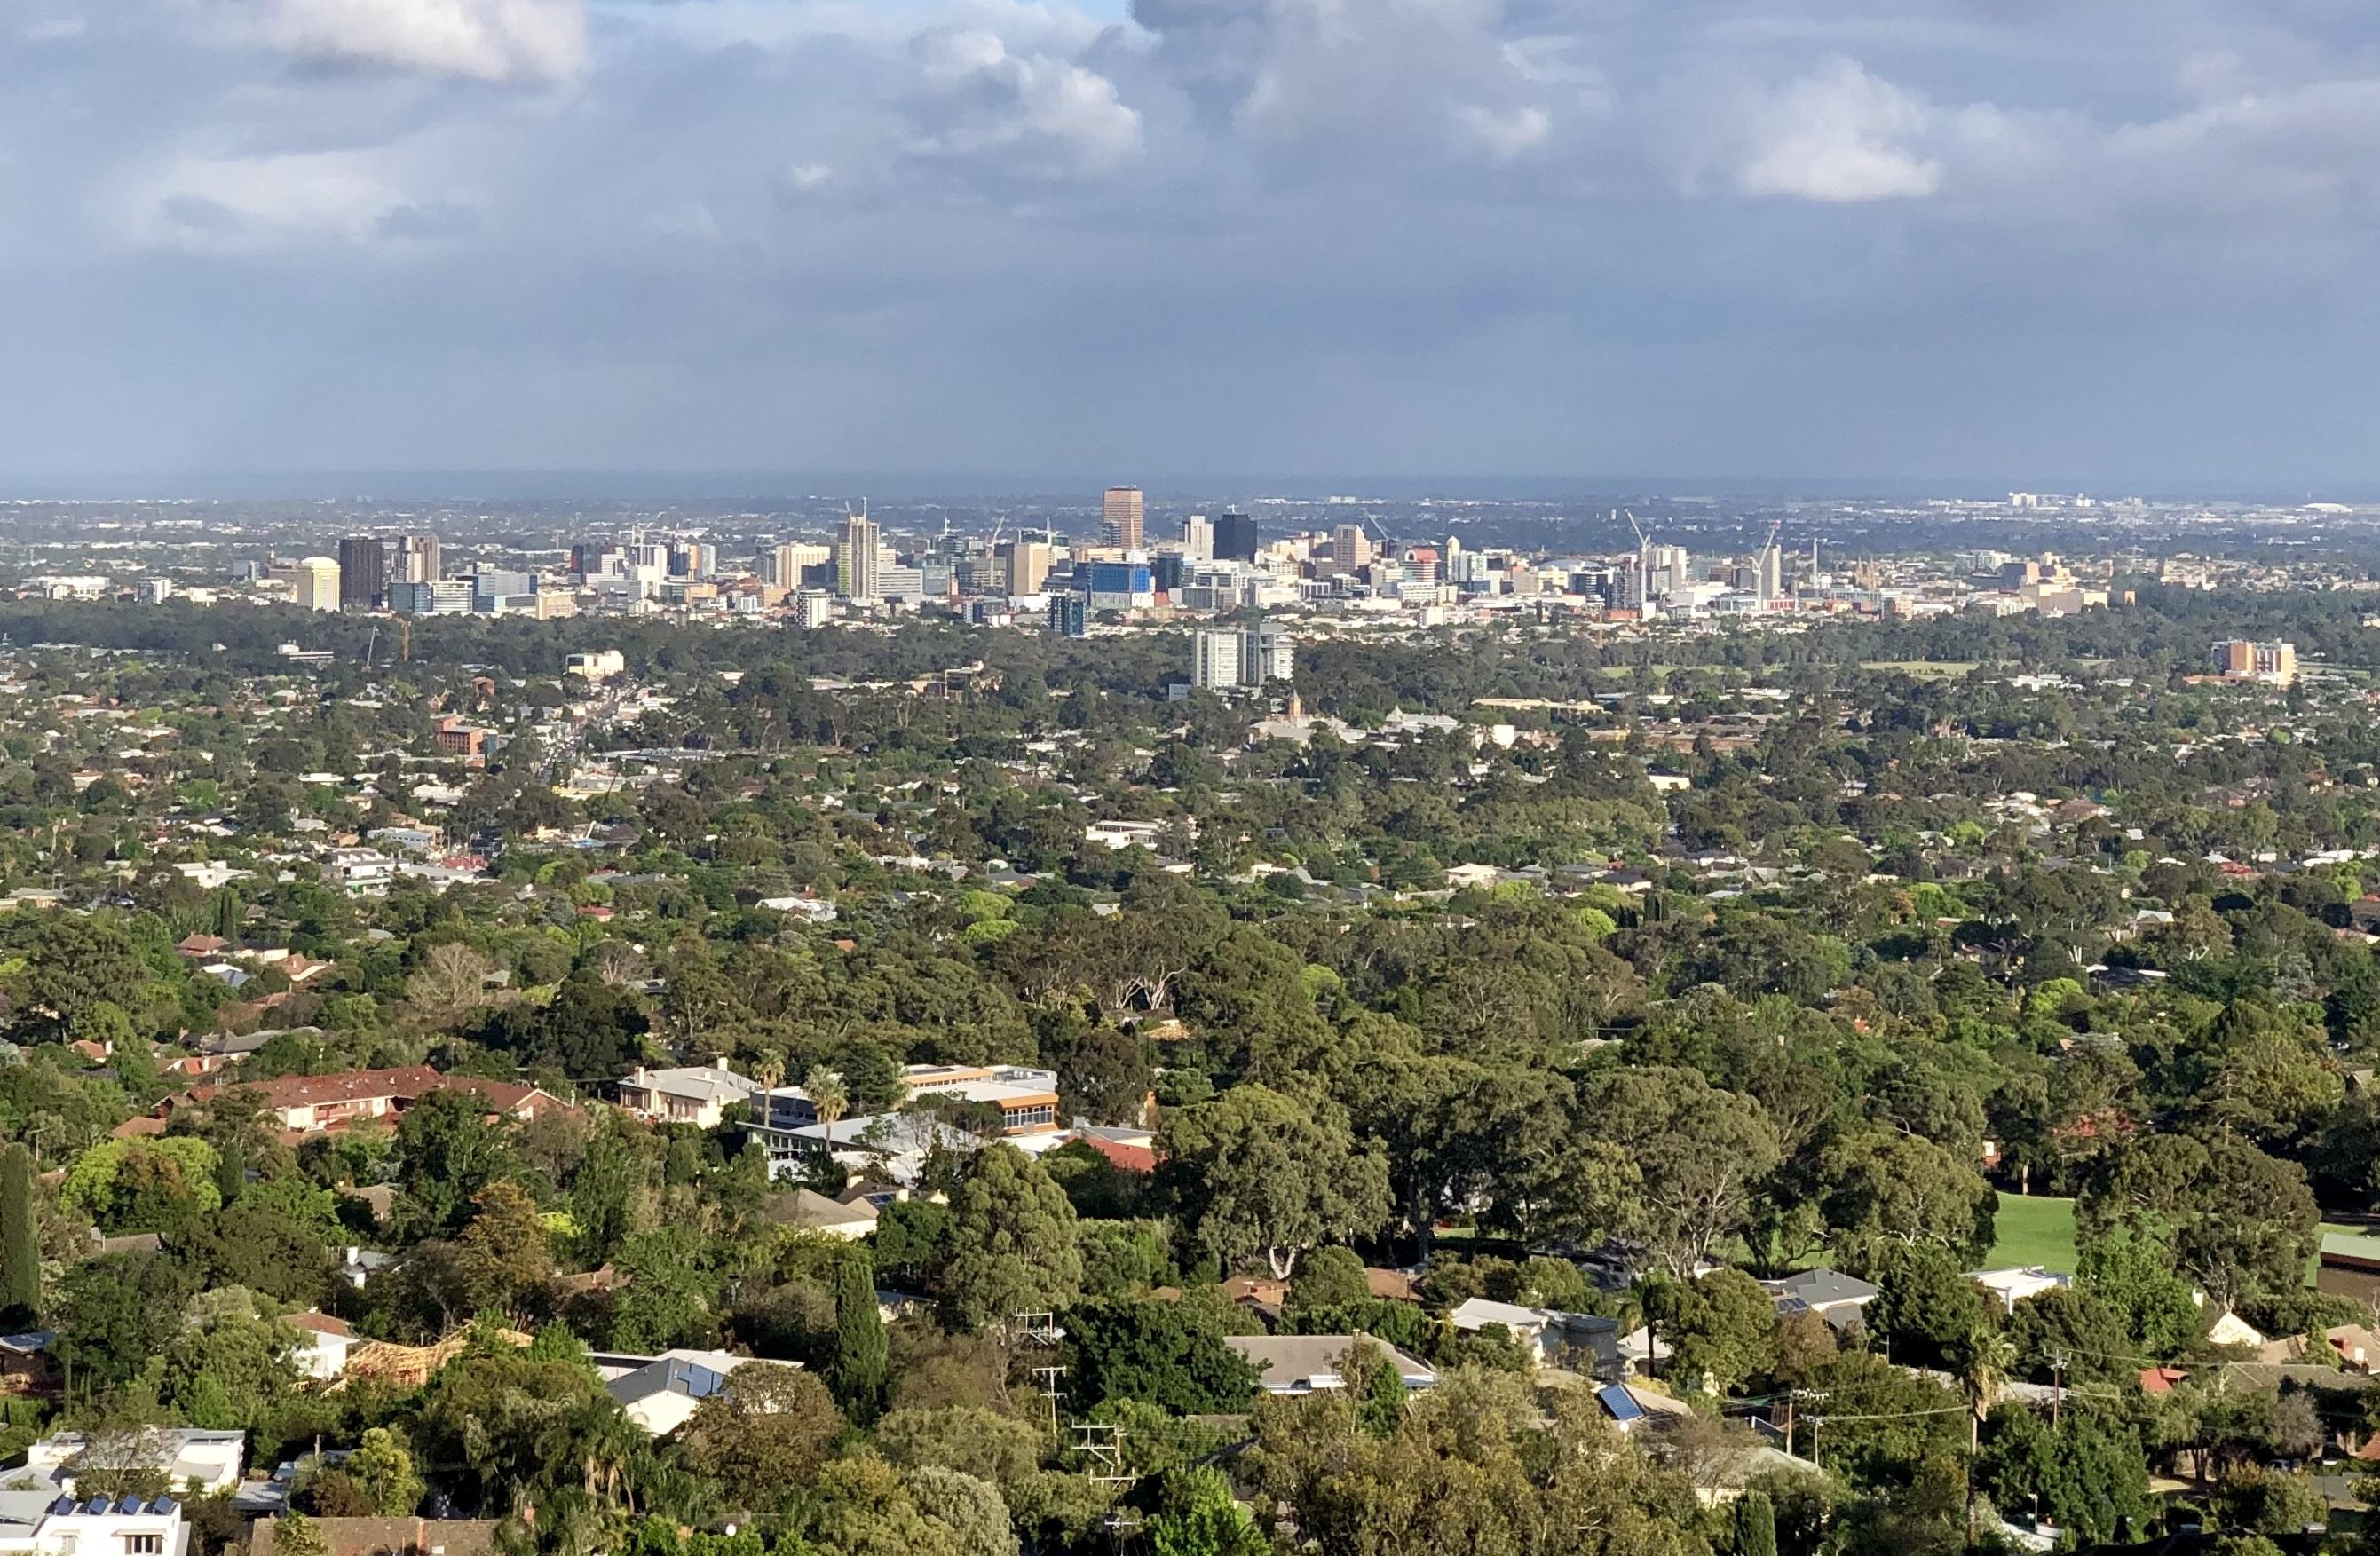 澳擬立法查涉外協議 南澳被指與中共協議最多